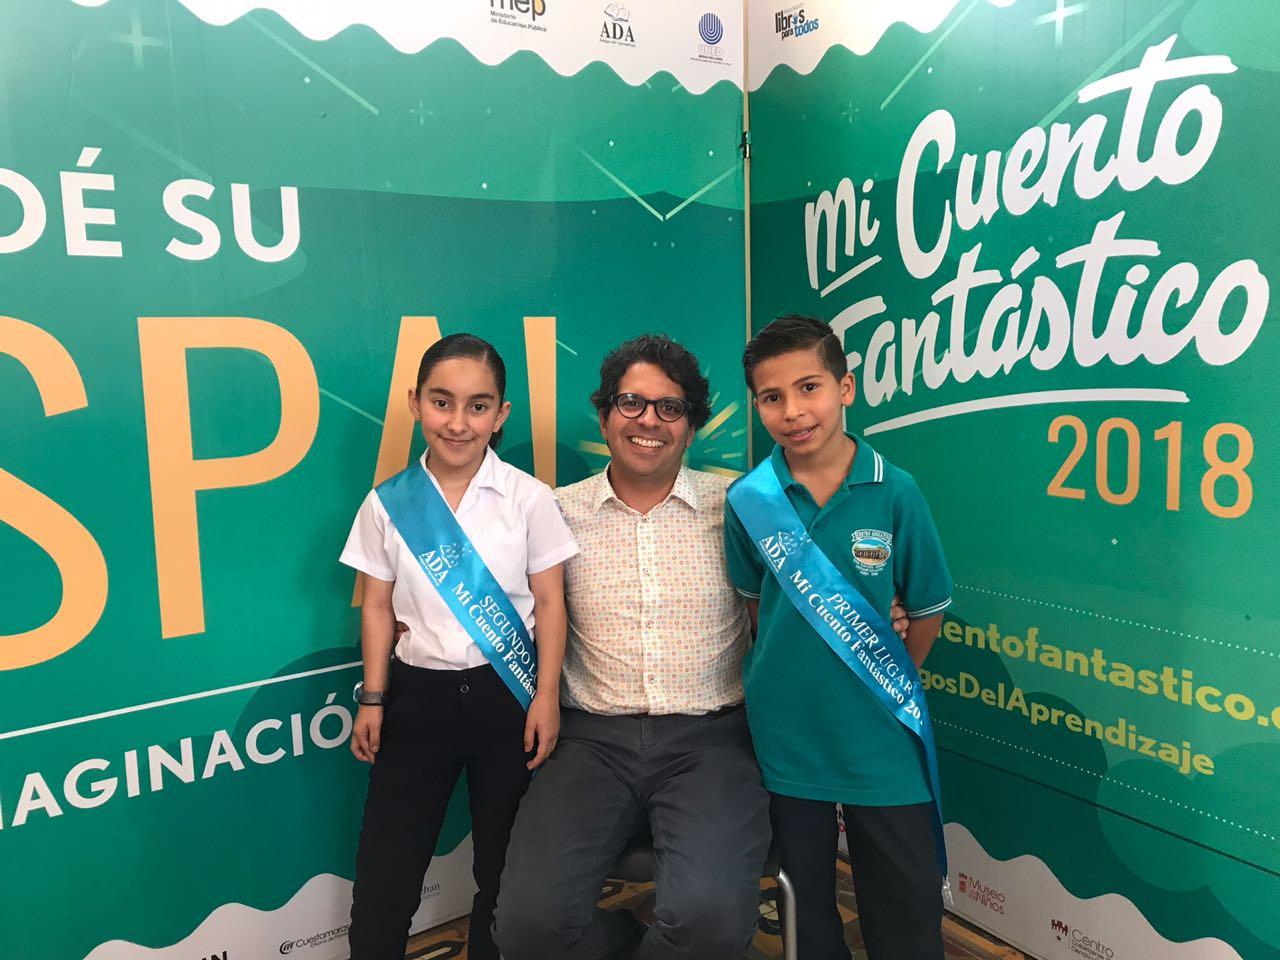 https://www.ekaenlinea.com/wp-content/uploads/2018/06/Sofía-Mora-Sr.-Edgar-Mora-Luis-Eduardo-Camacho.jpg